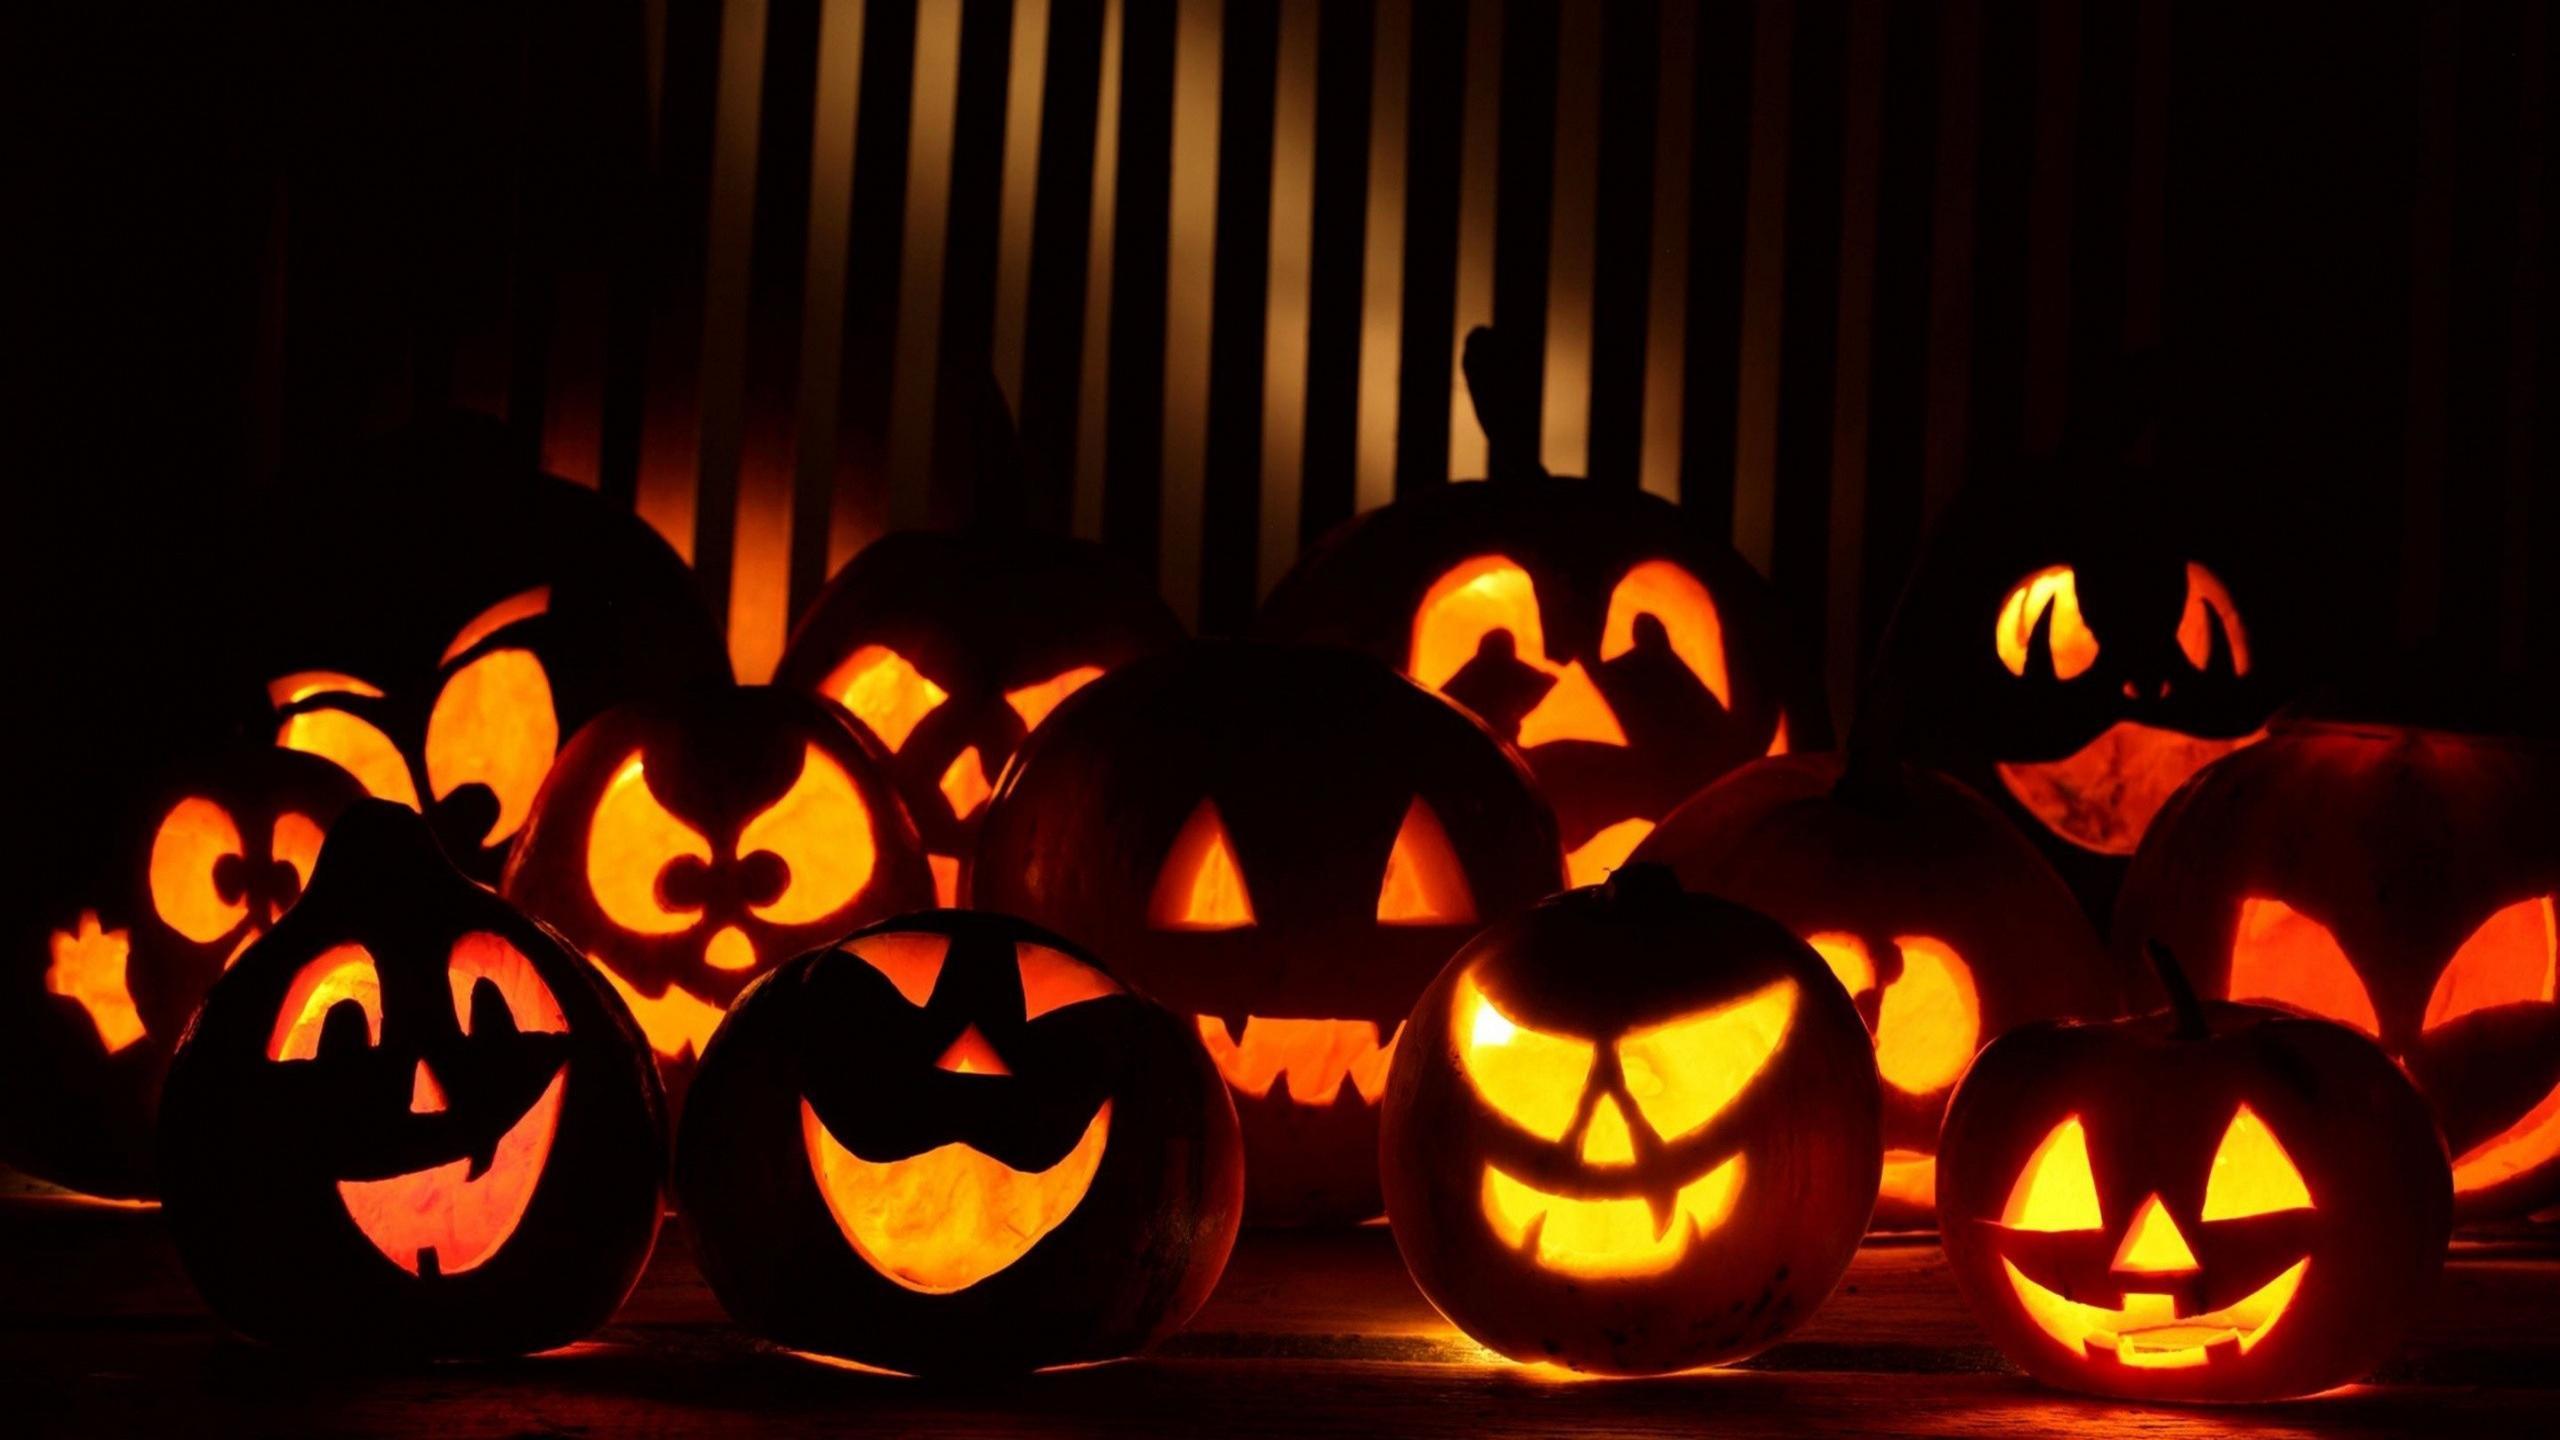 Happy Halloween Pumpkin Wallpaper2